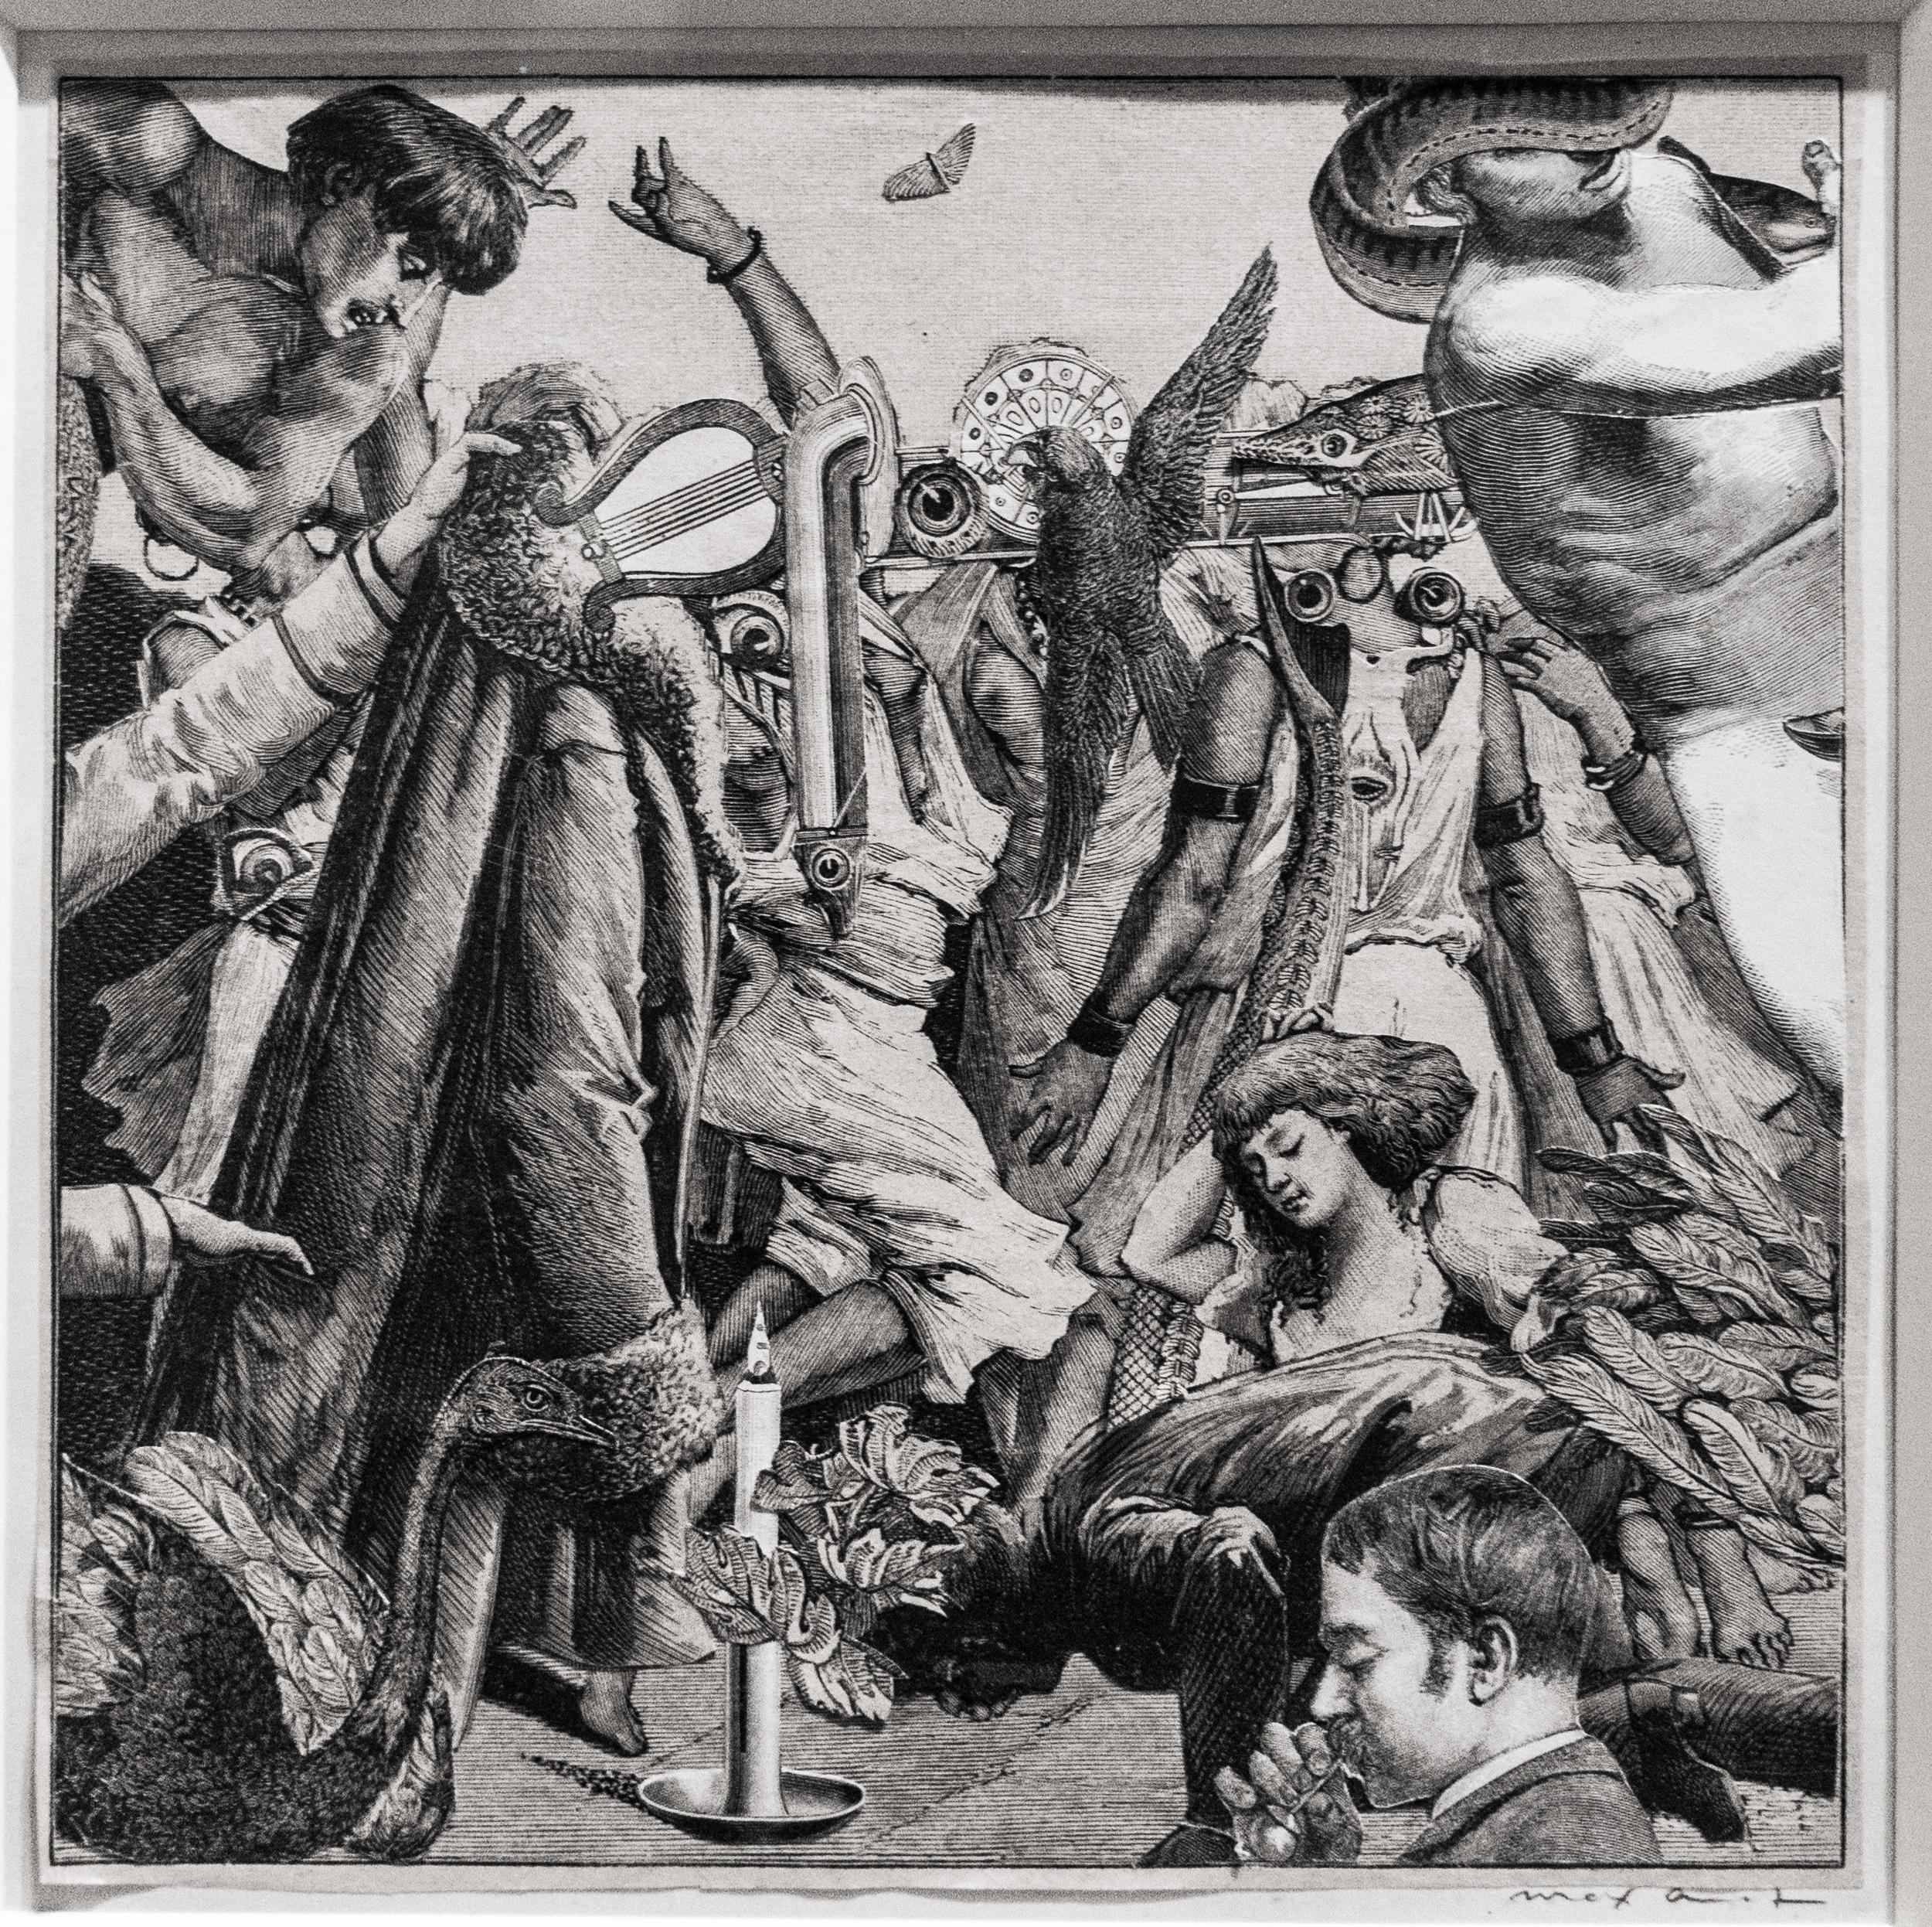 Irascible Women by Max Ernst